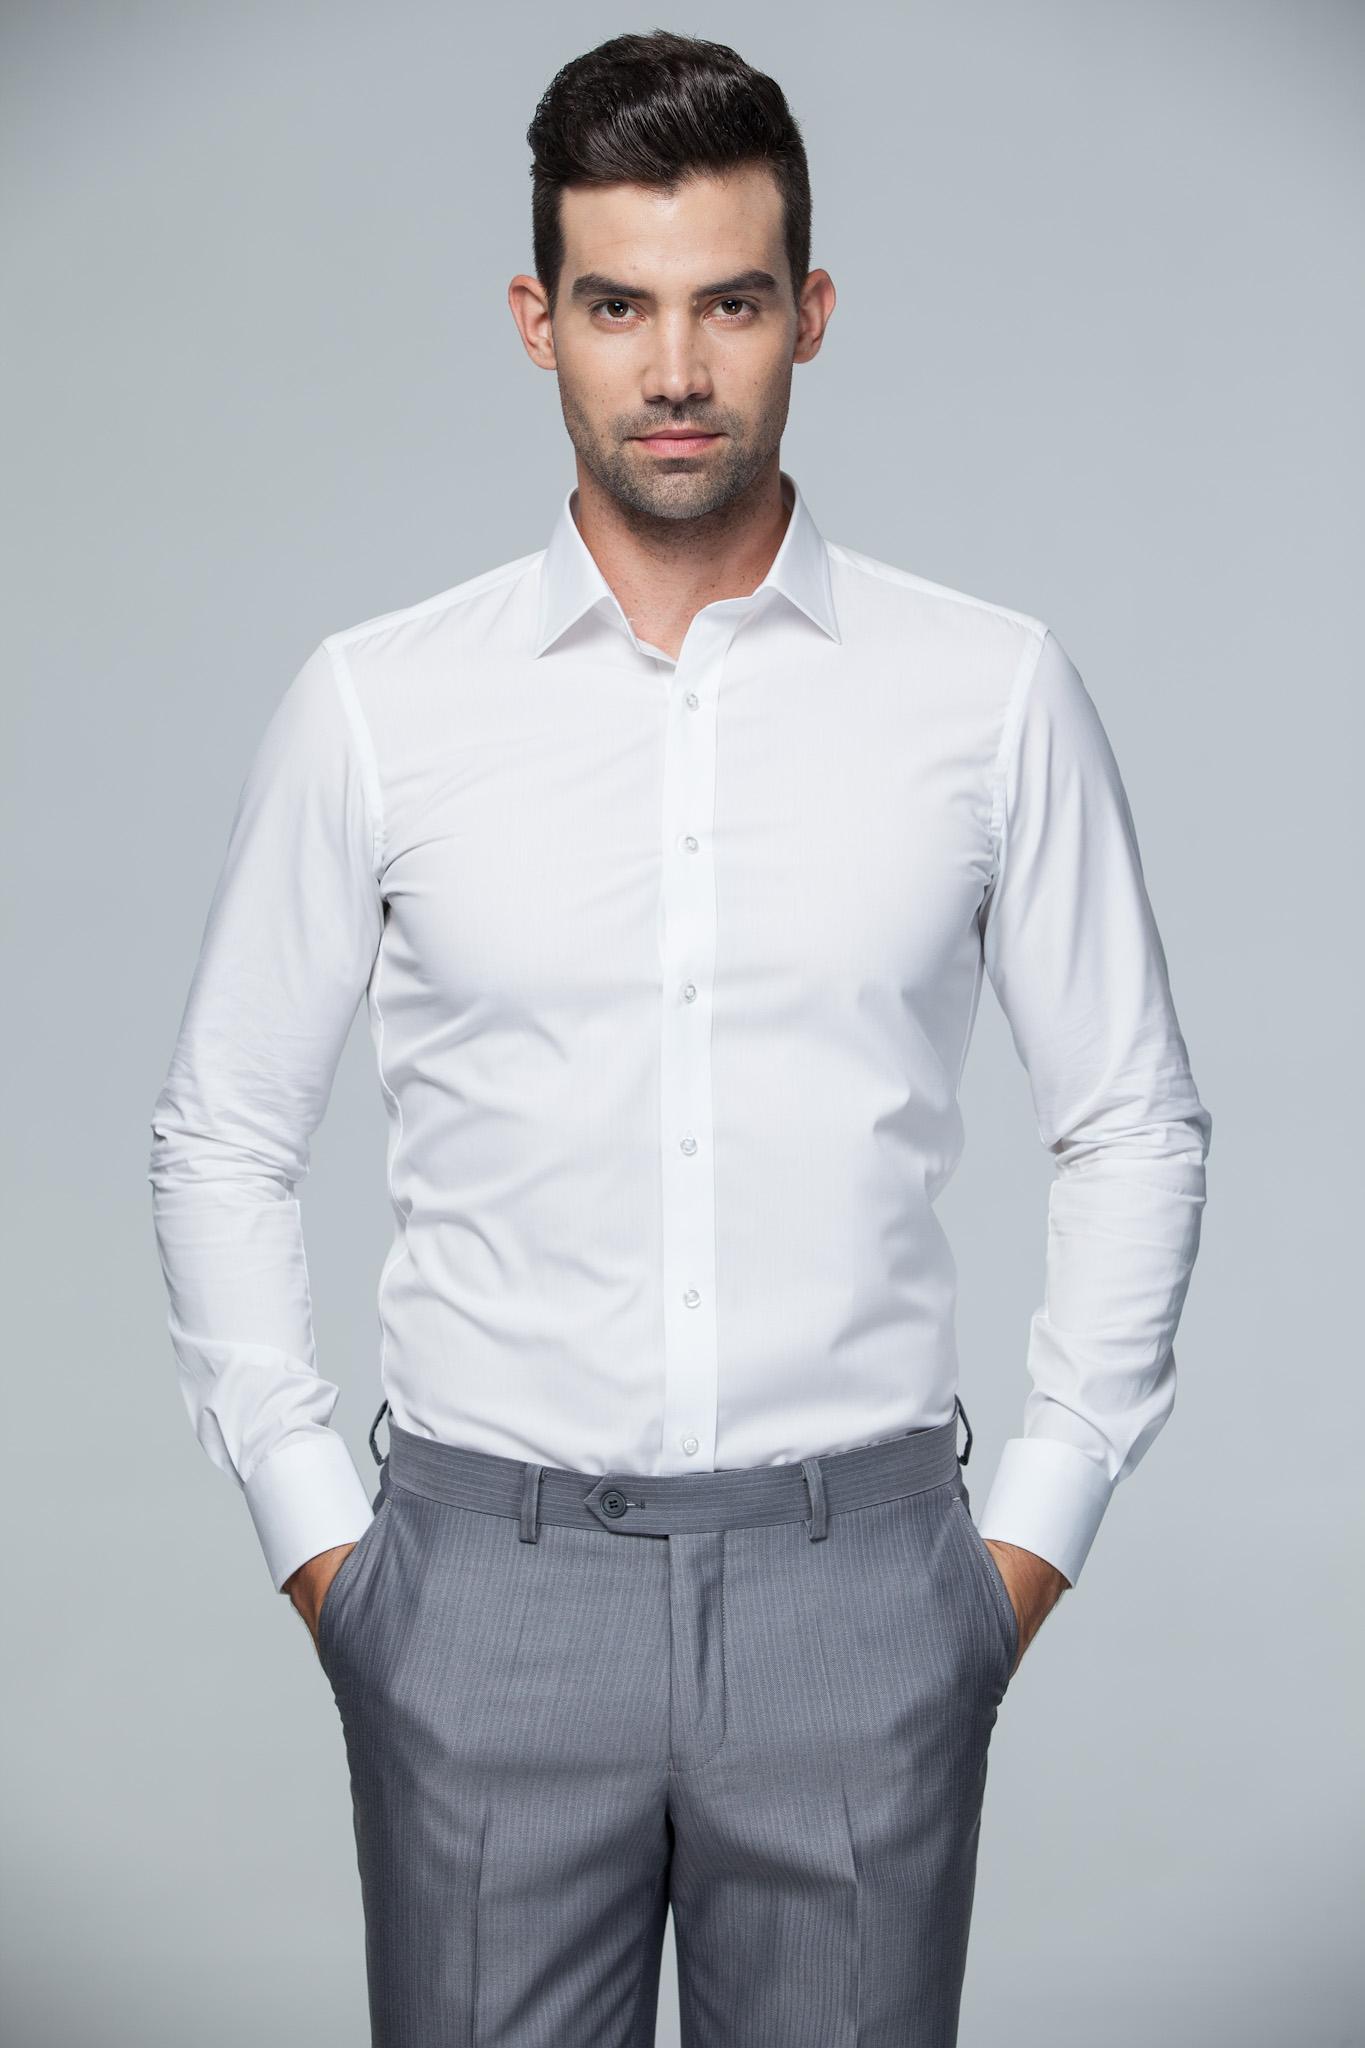 男士正装衬衣图片_男士西装,男士衬衫-141525_正品_新款_图片 -中服网